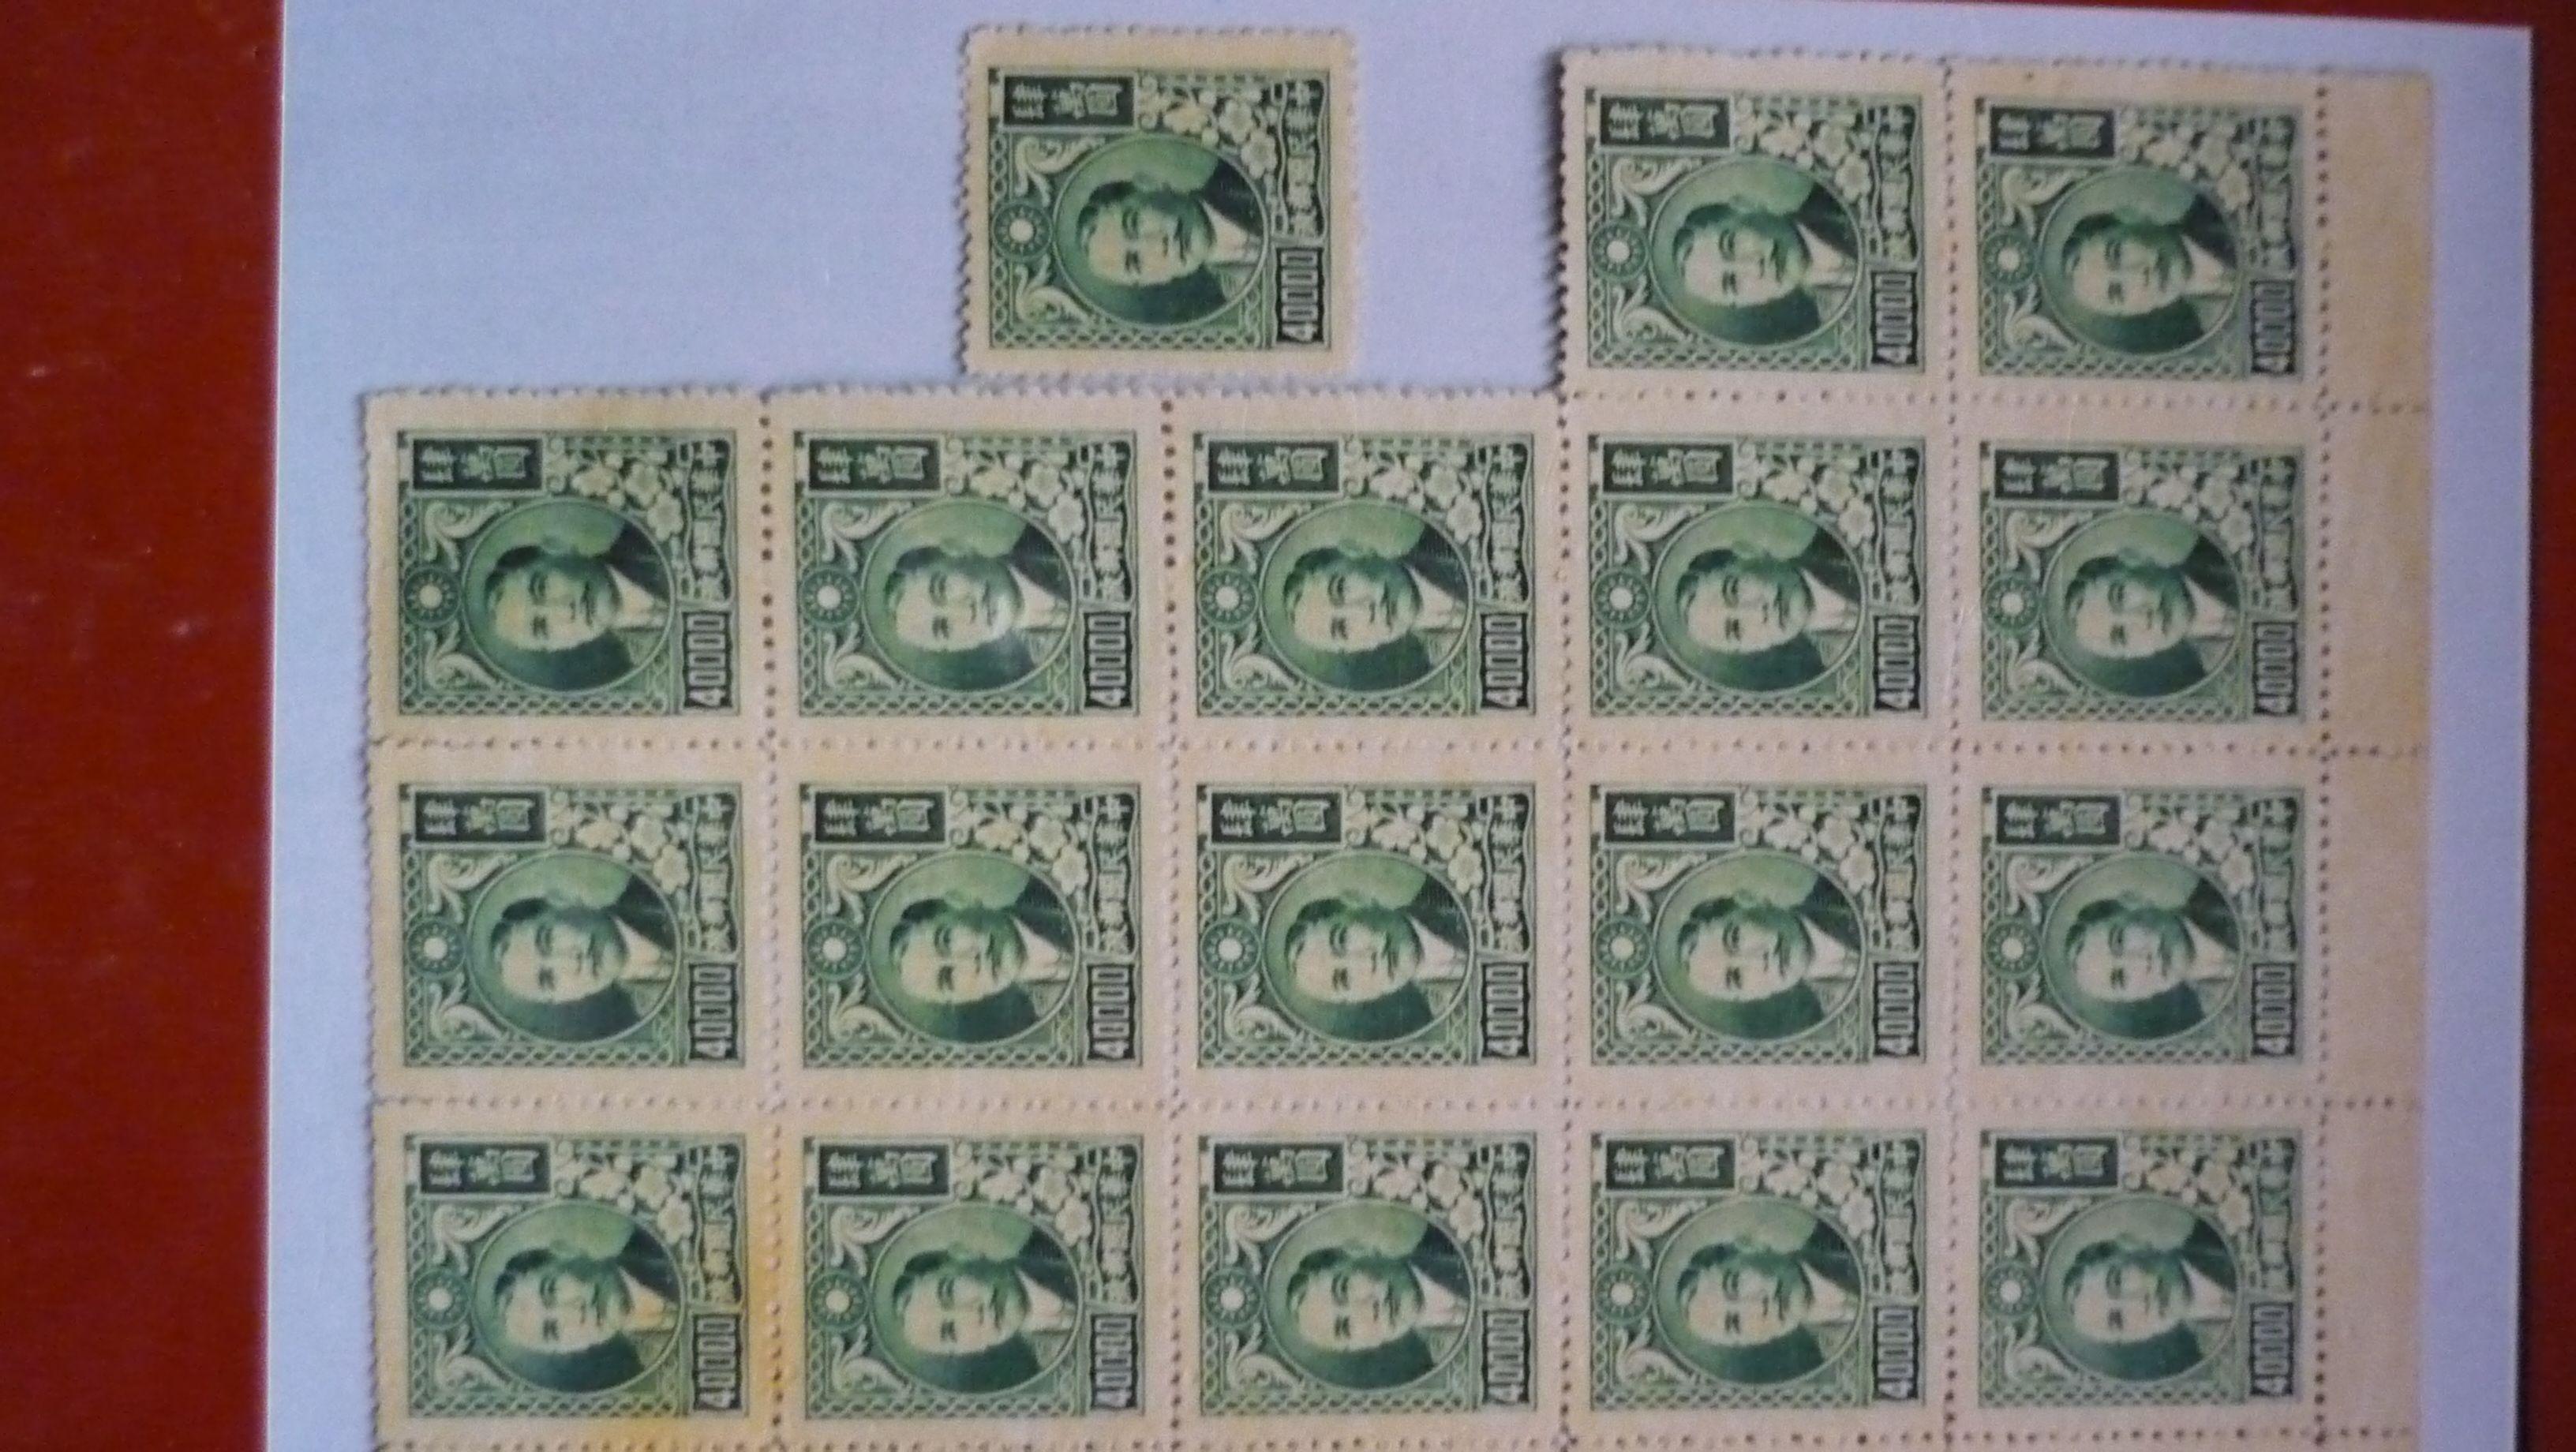 错版邮票2014年生肖大版邮票错体邮票